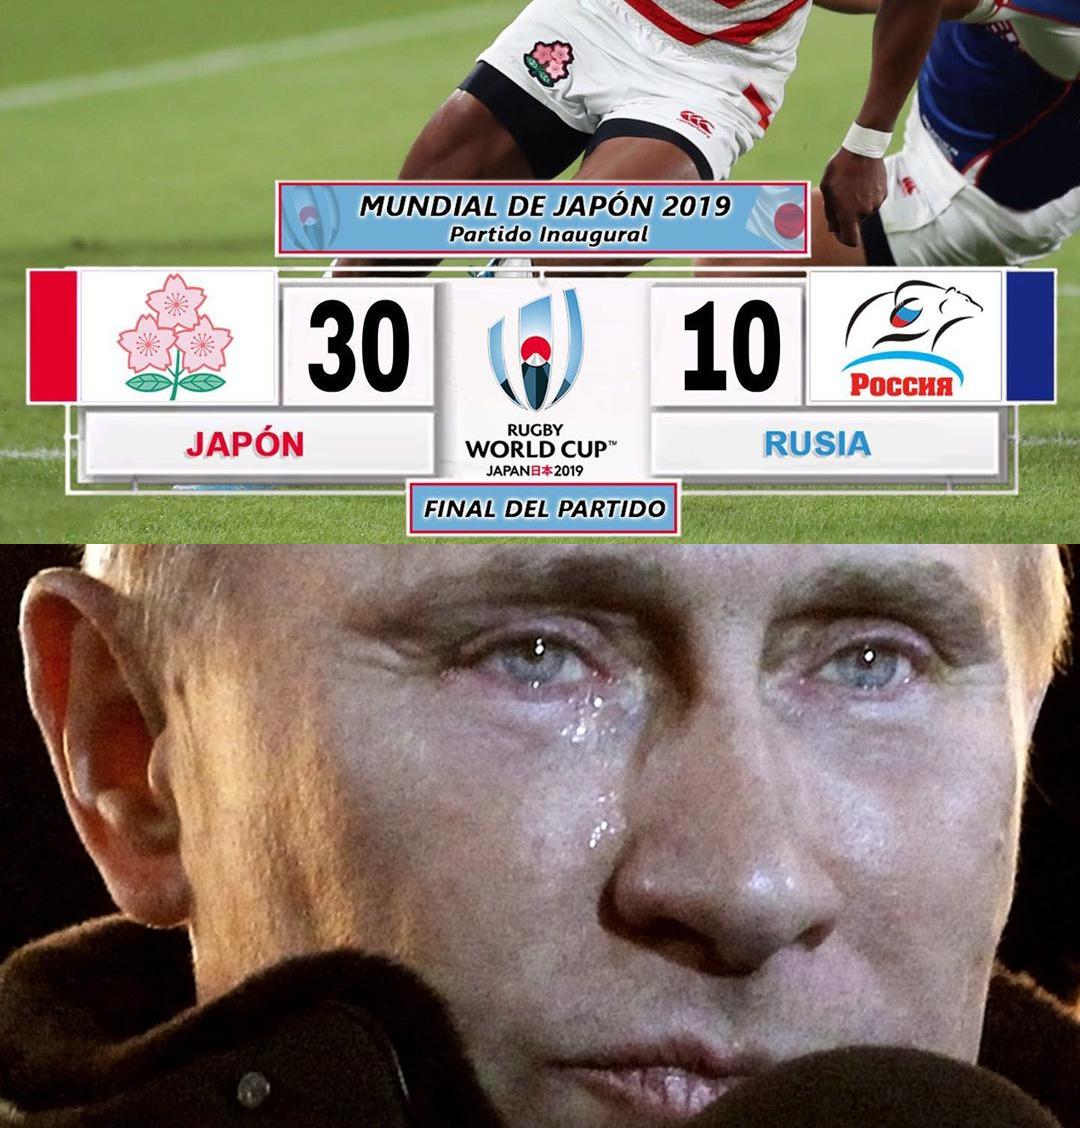 Ya hicieron llorar a Putin - meme